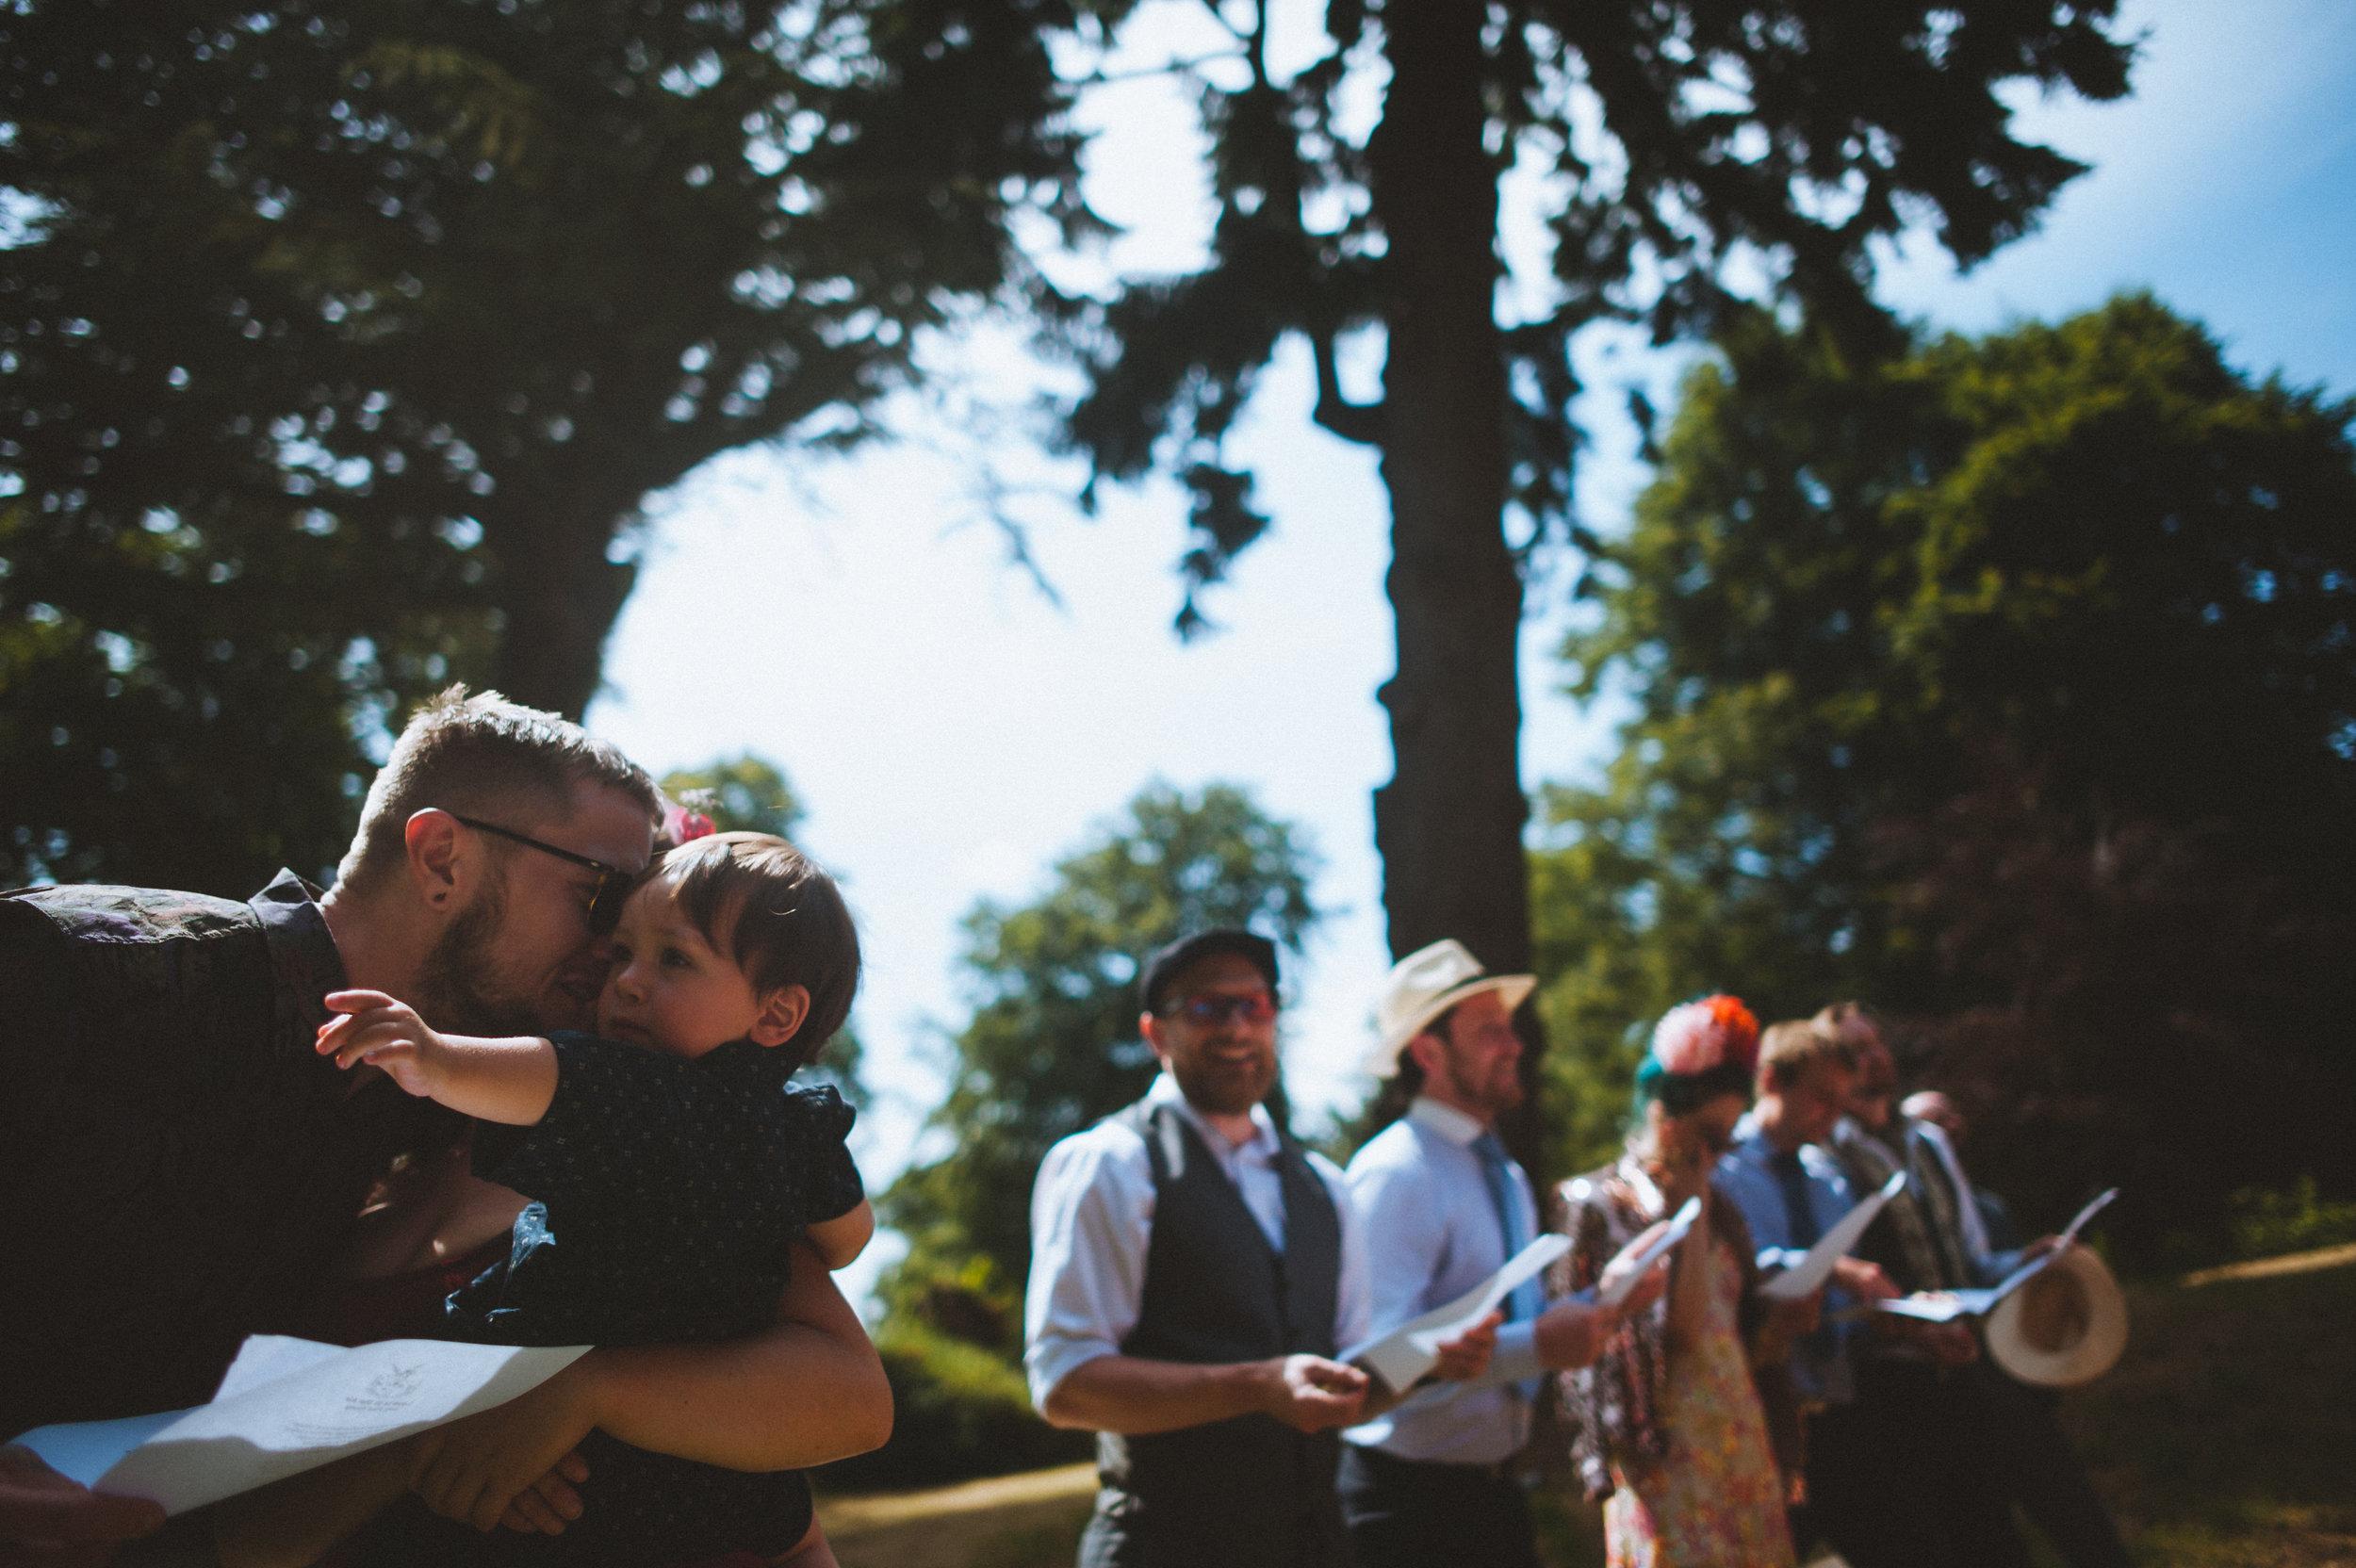 powderham castle wedding 21.jpg